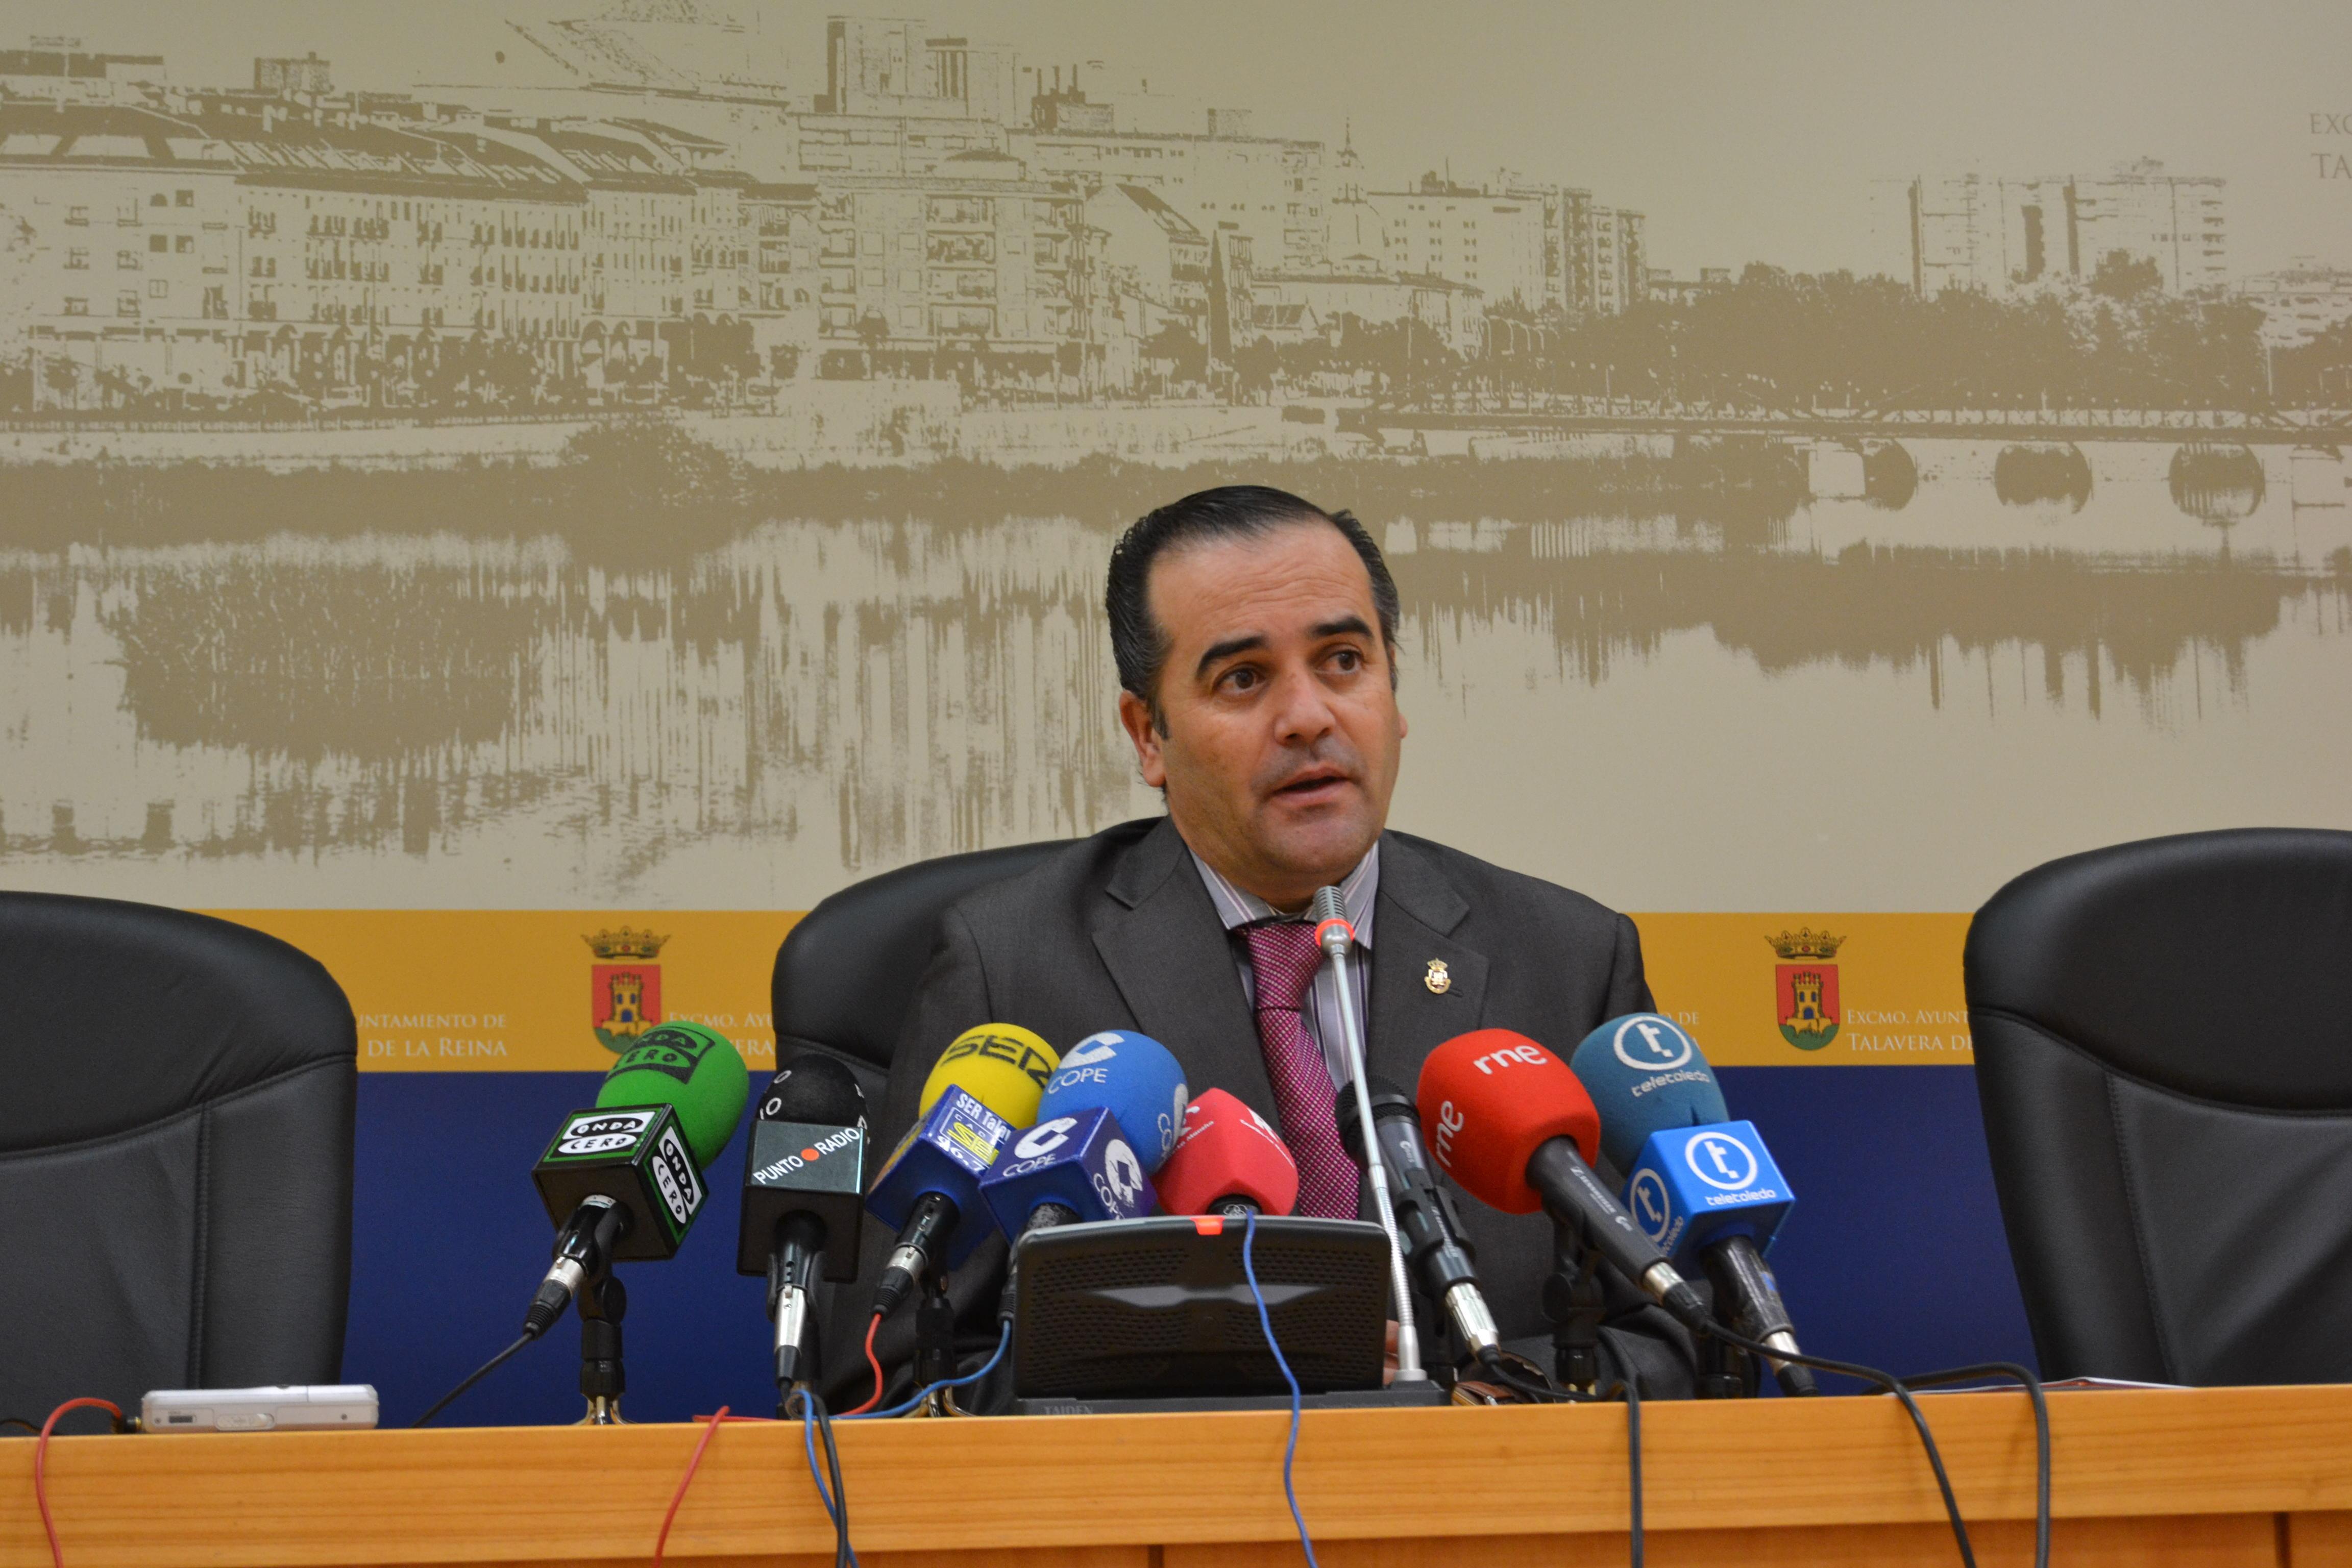 El Ayuntamiento de Talavera reduce un 80% su presupuesto de Navidad